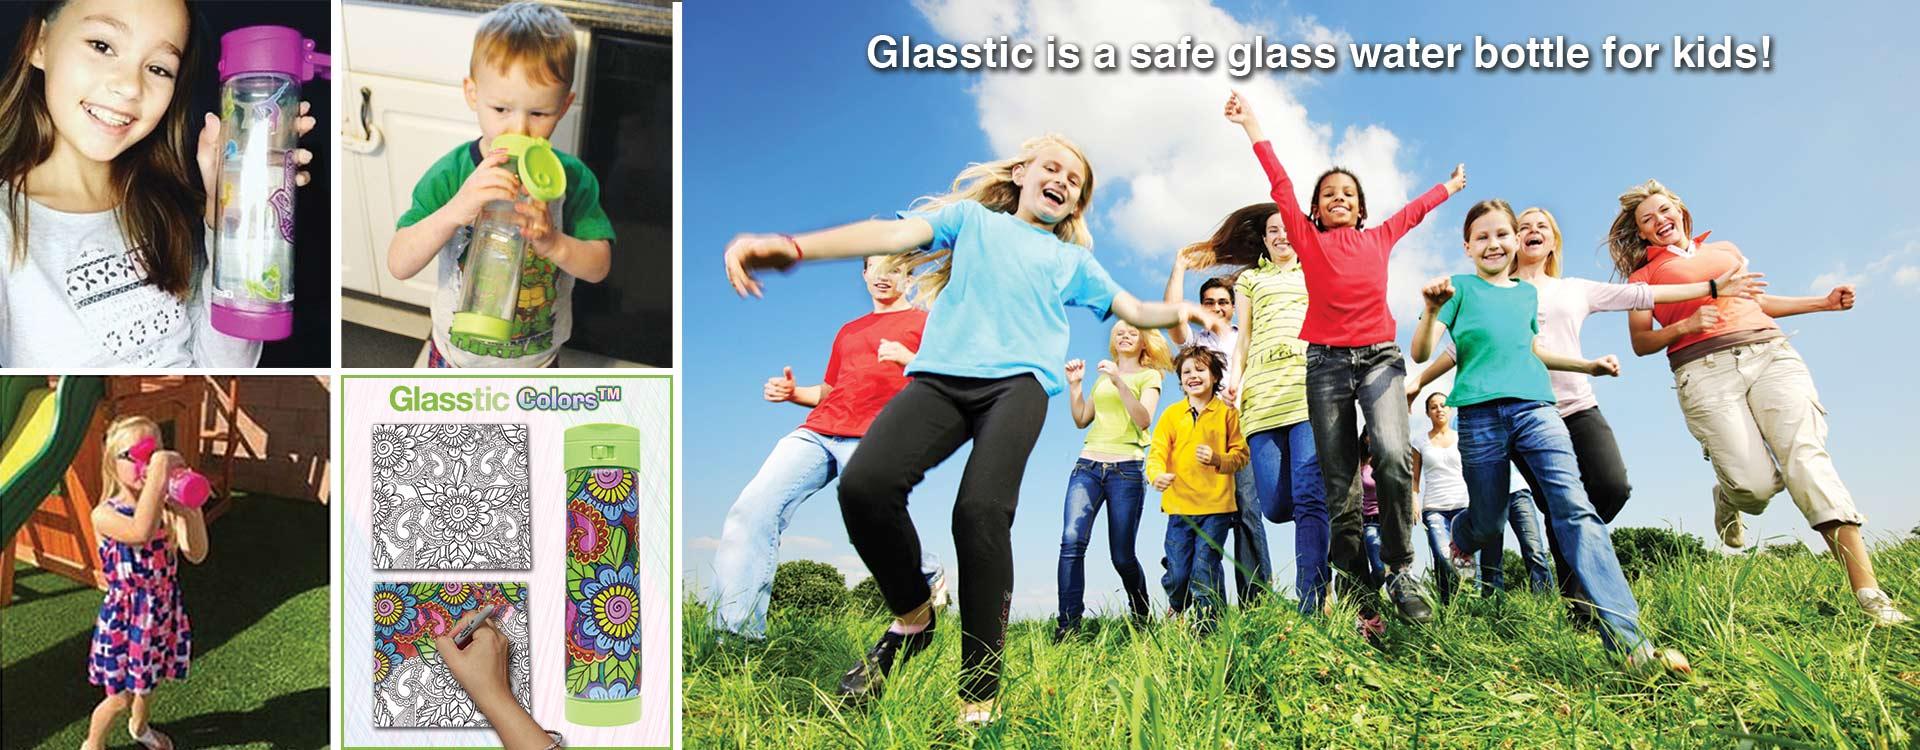 Glasstic Shatterproof Glass Water Bottle